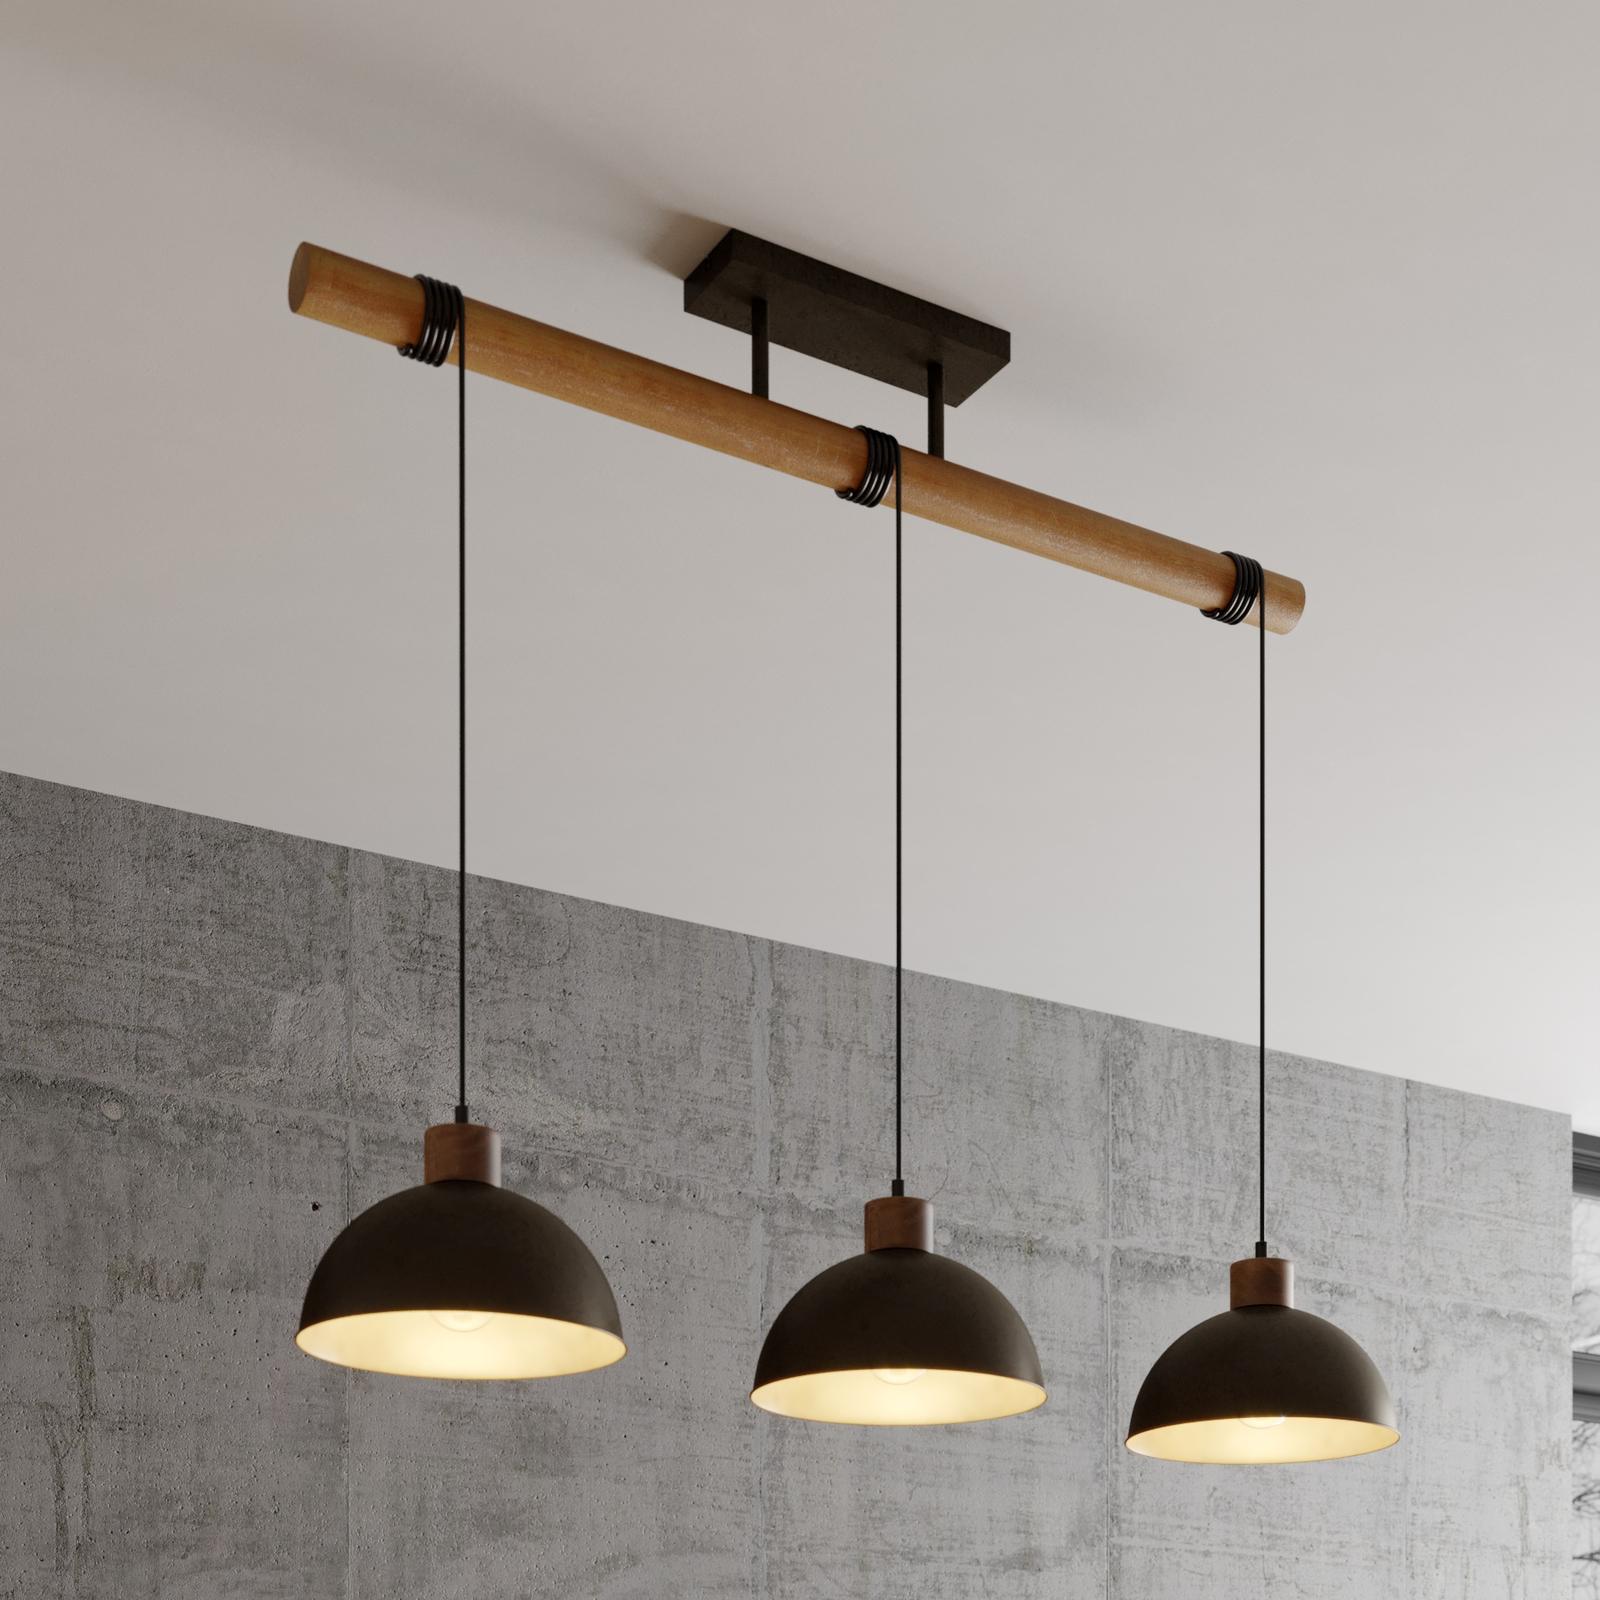 Lindby Holgar hänglampa, trä/metall, 3 lampor